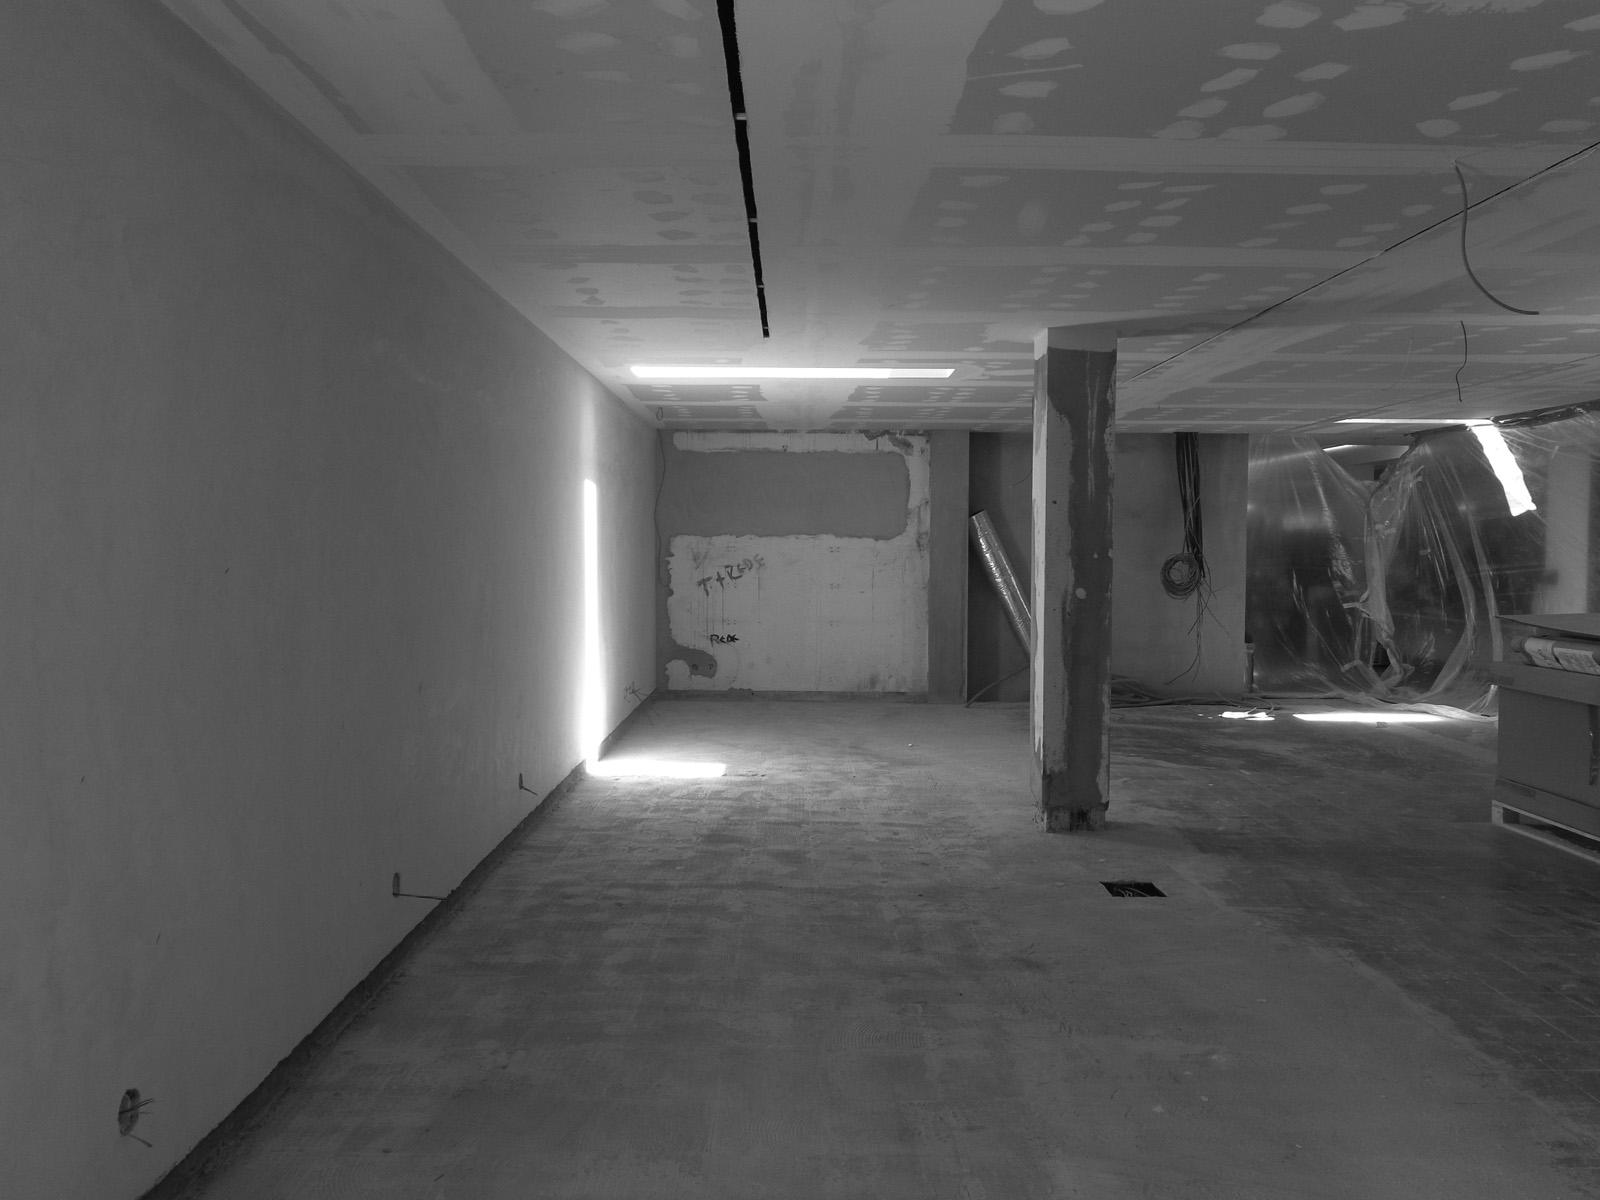 Antero - Construção - Stand - Oficina - BMW - Yamaha - EVA evolutionary architecture - Arquitectos Porto (9).jpg